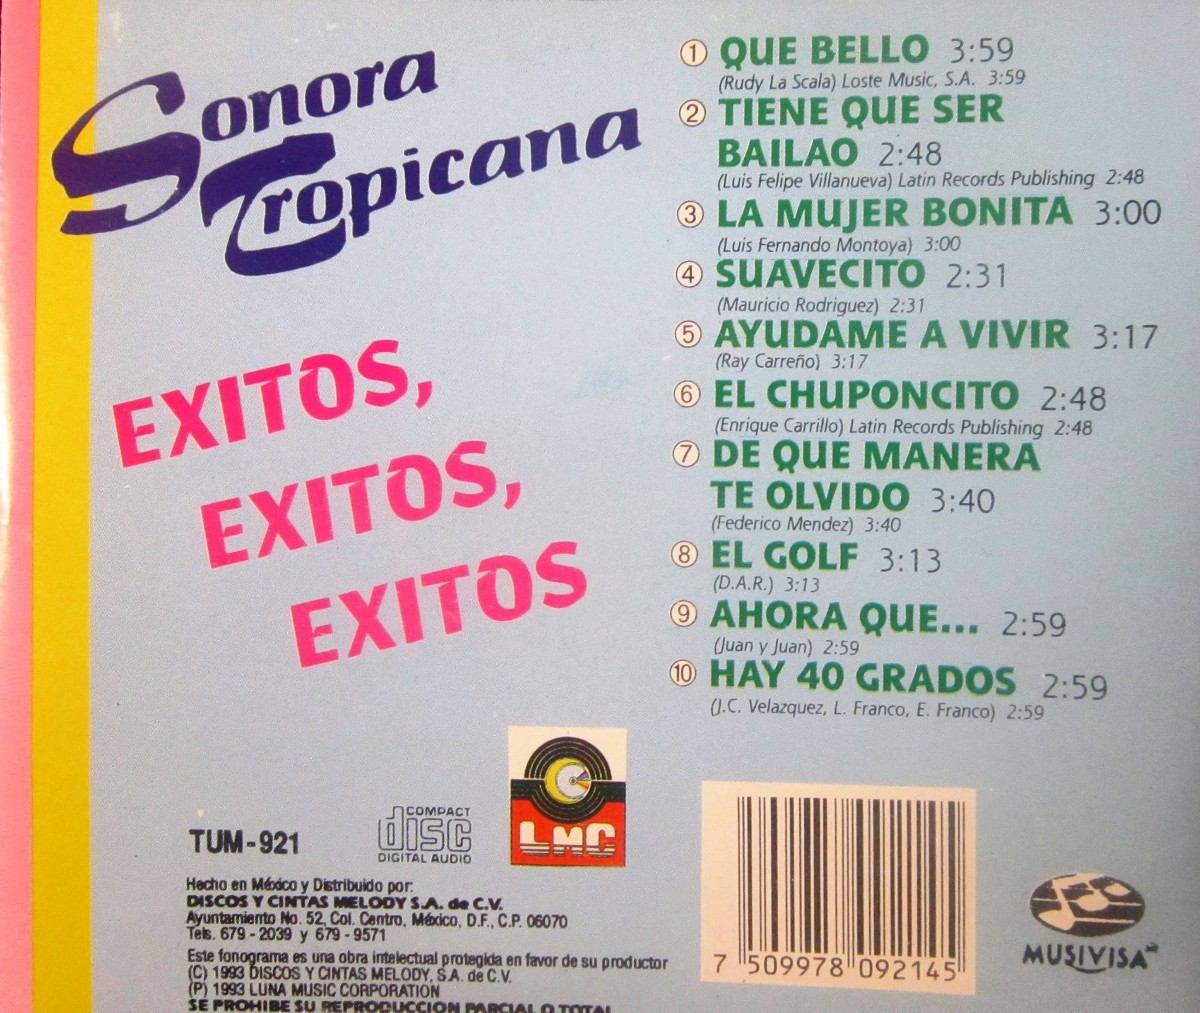 Cd sonora tropicana exitos-exitos-exitos Sonora-tropicana-exitos-exitos-exitos-12058-MLM20053690213_022014-F